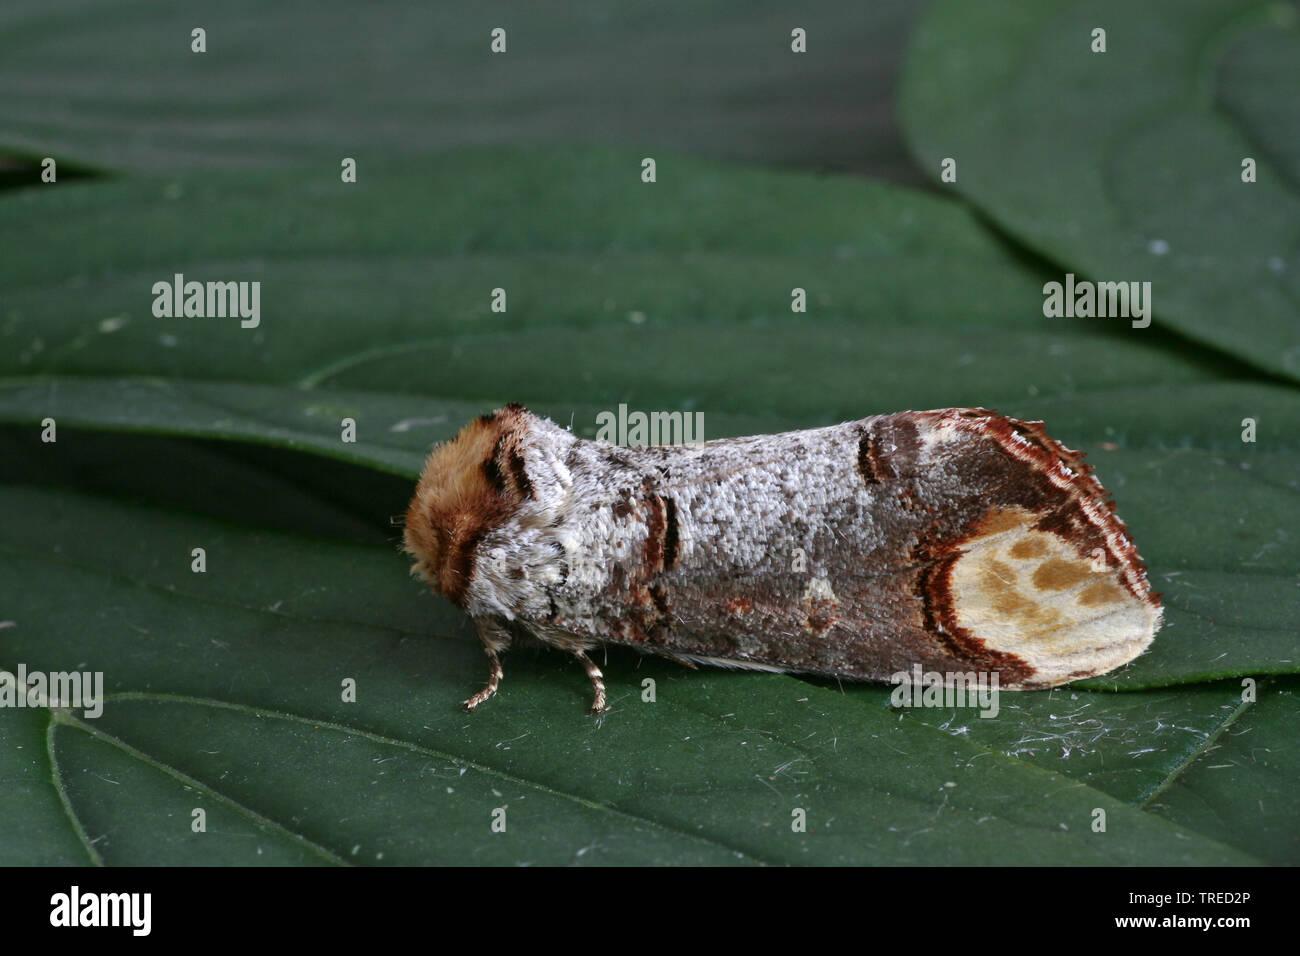 Mondvogel, Mondfleck (Phalera bucephala), sitzt auf einem Blatt, Seitenansicht, Niederlande | Buff-tip moth, Buff tip caterpillar (Phalera bucephala), - Stock Image